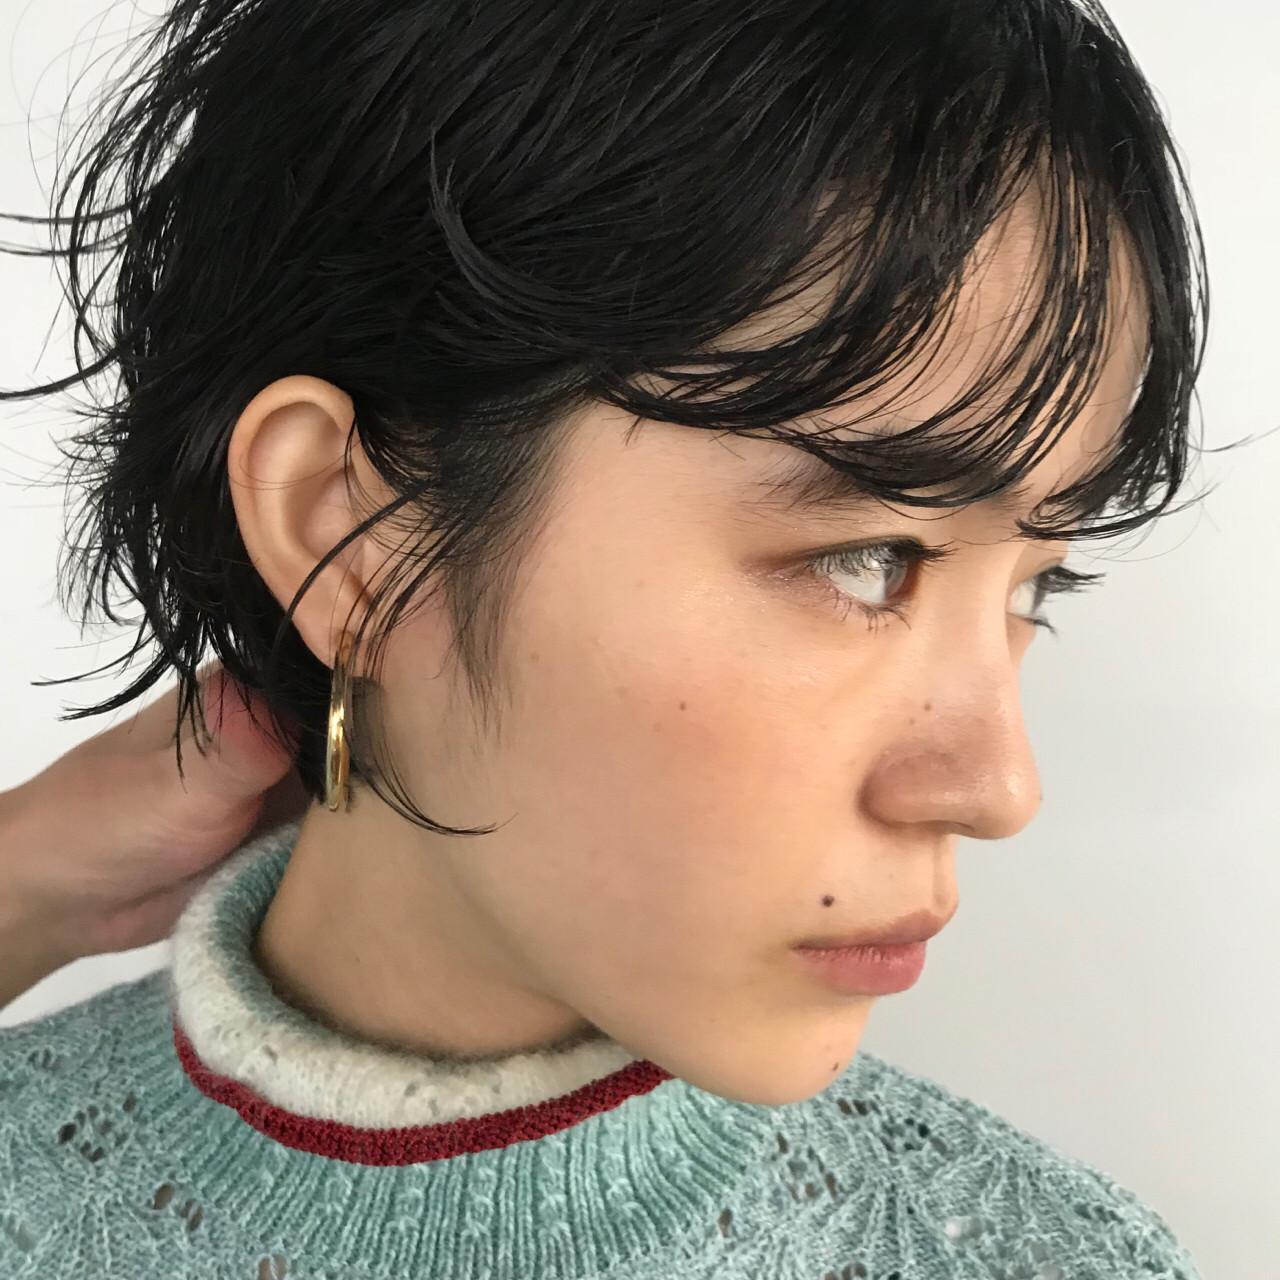 大人女子 前髪パーマ ナチュラル ショートボブヘアスタイルや髪型の写真・画像